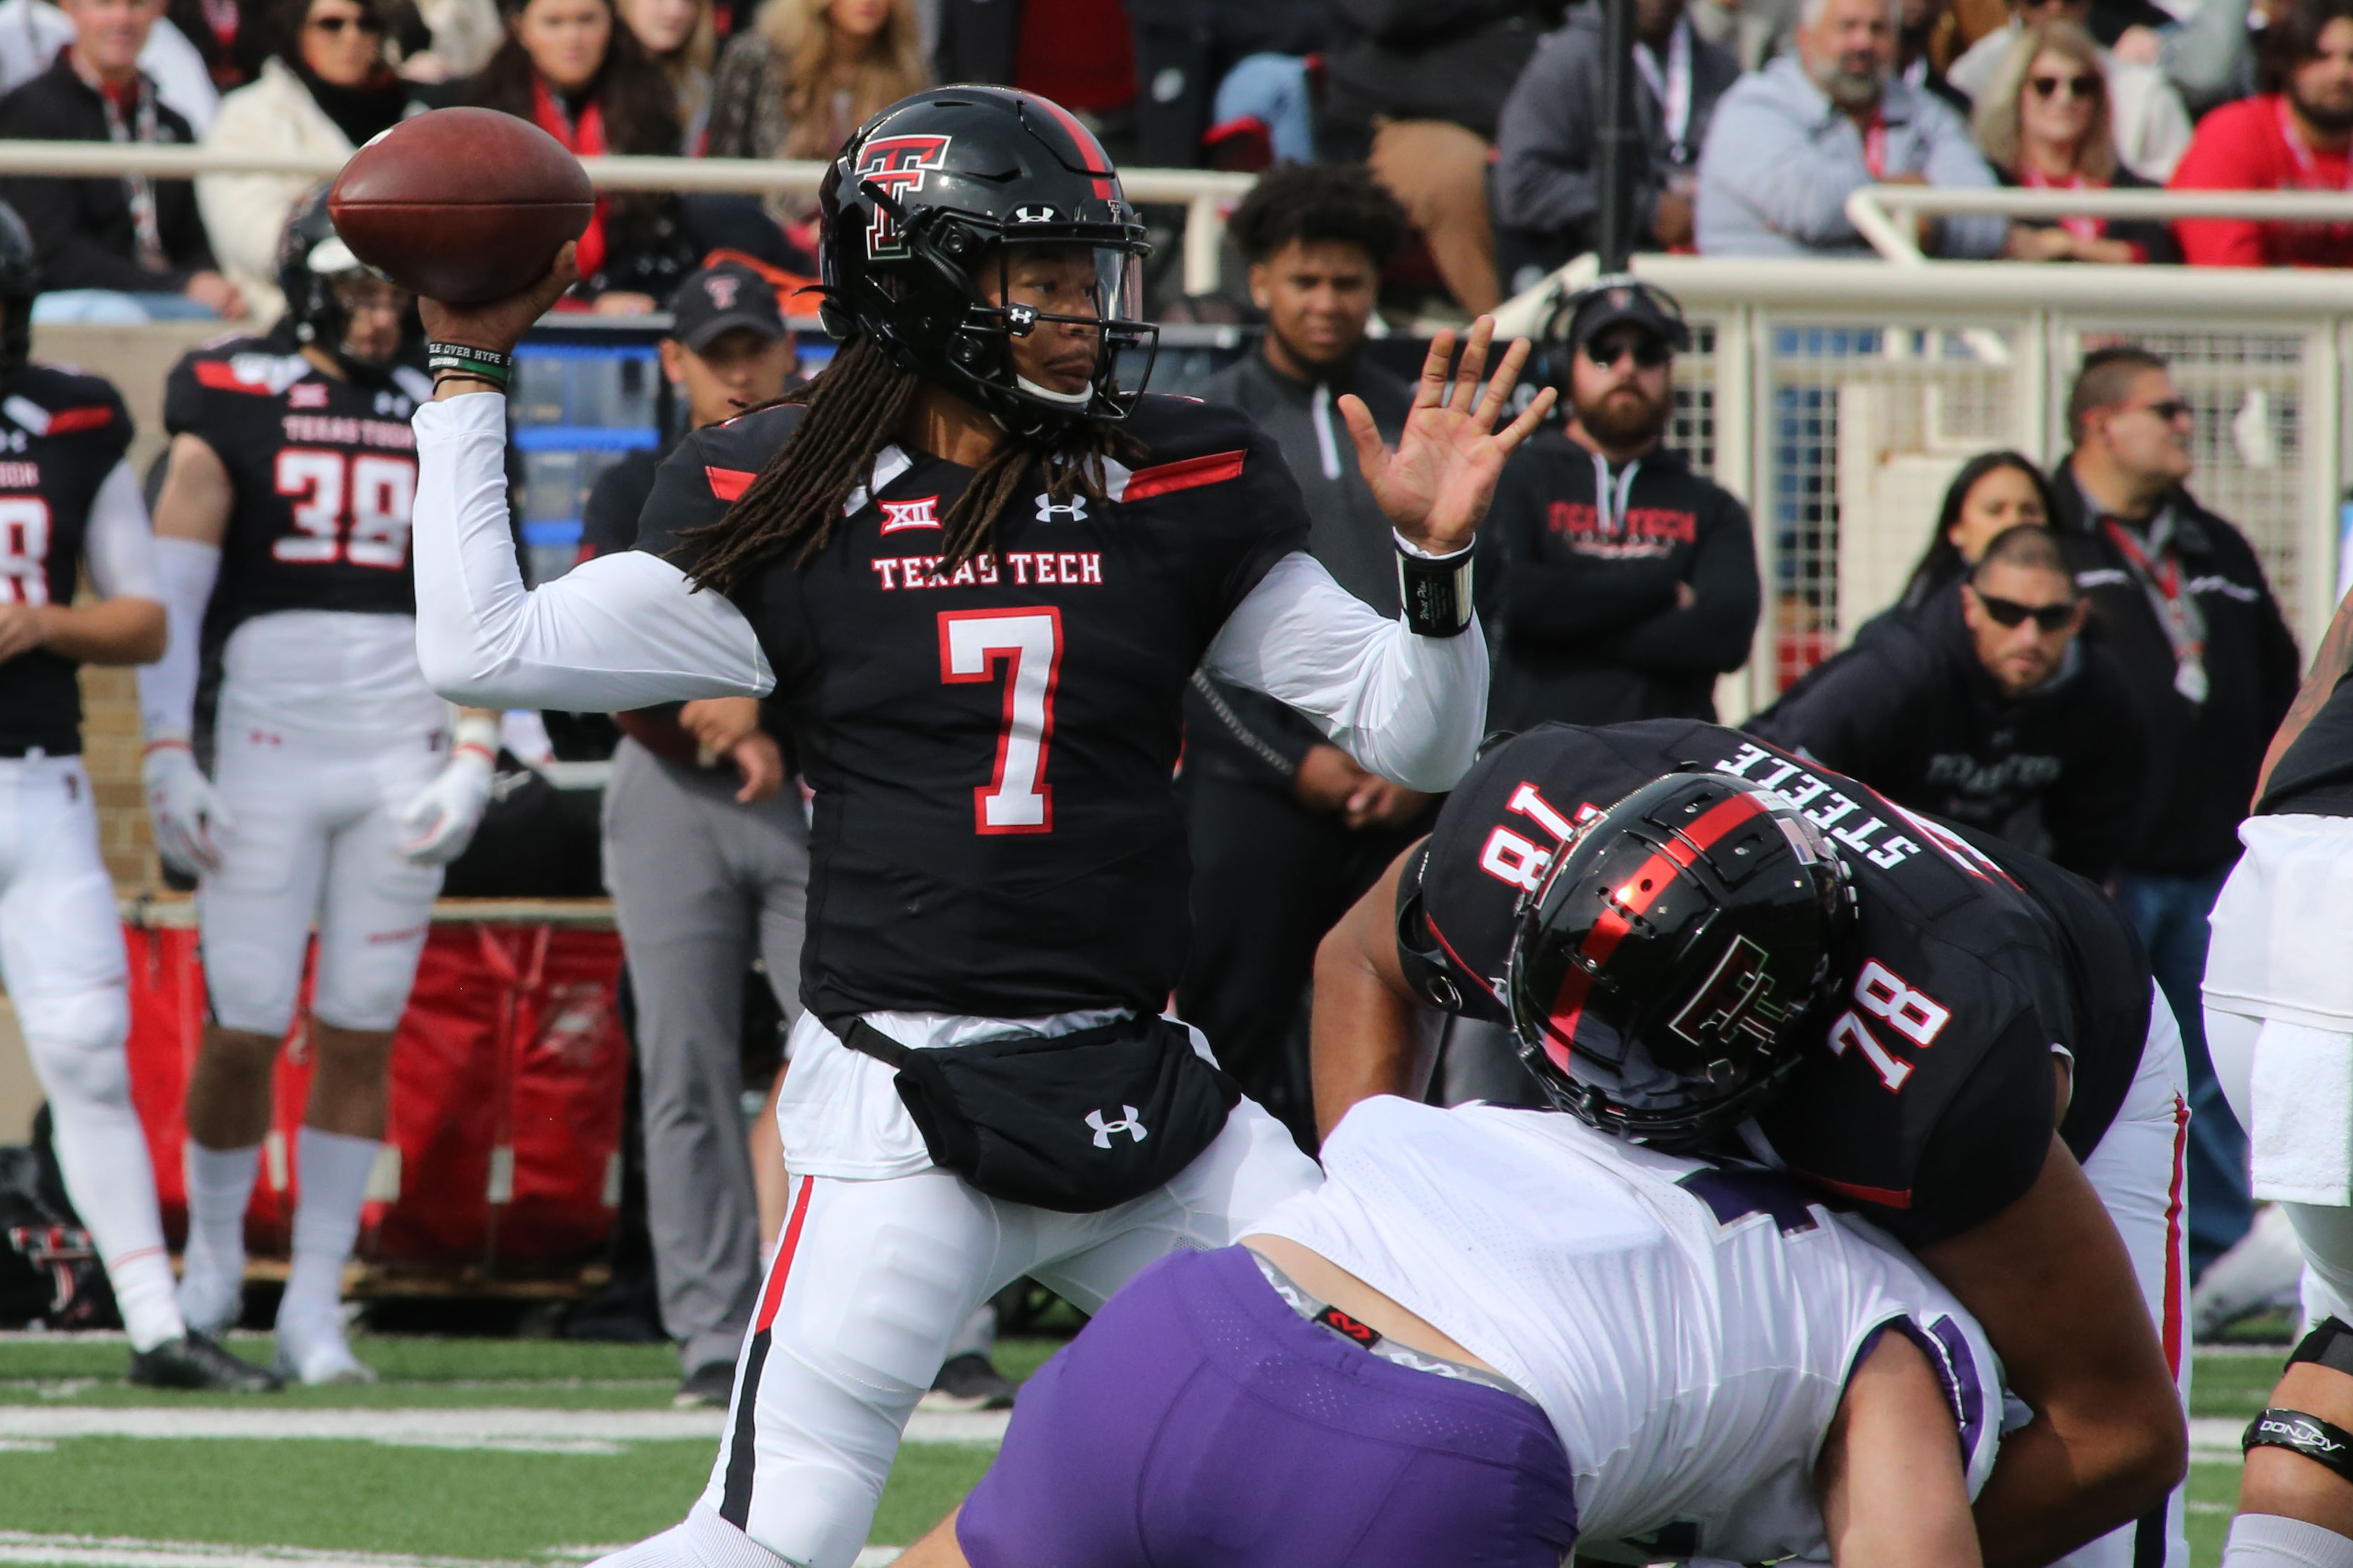 NCAA橄榄球赛:德州理工学院的德州基督徒